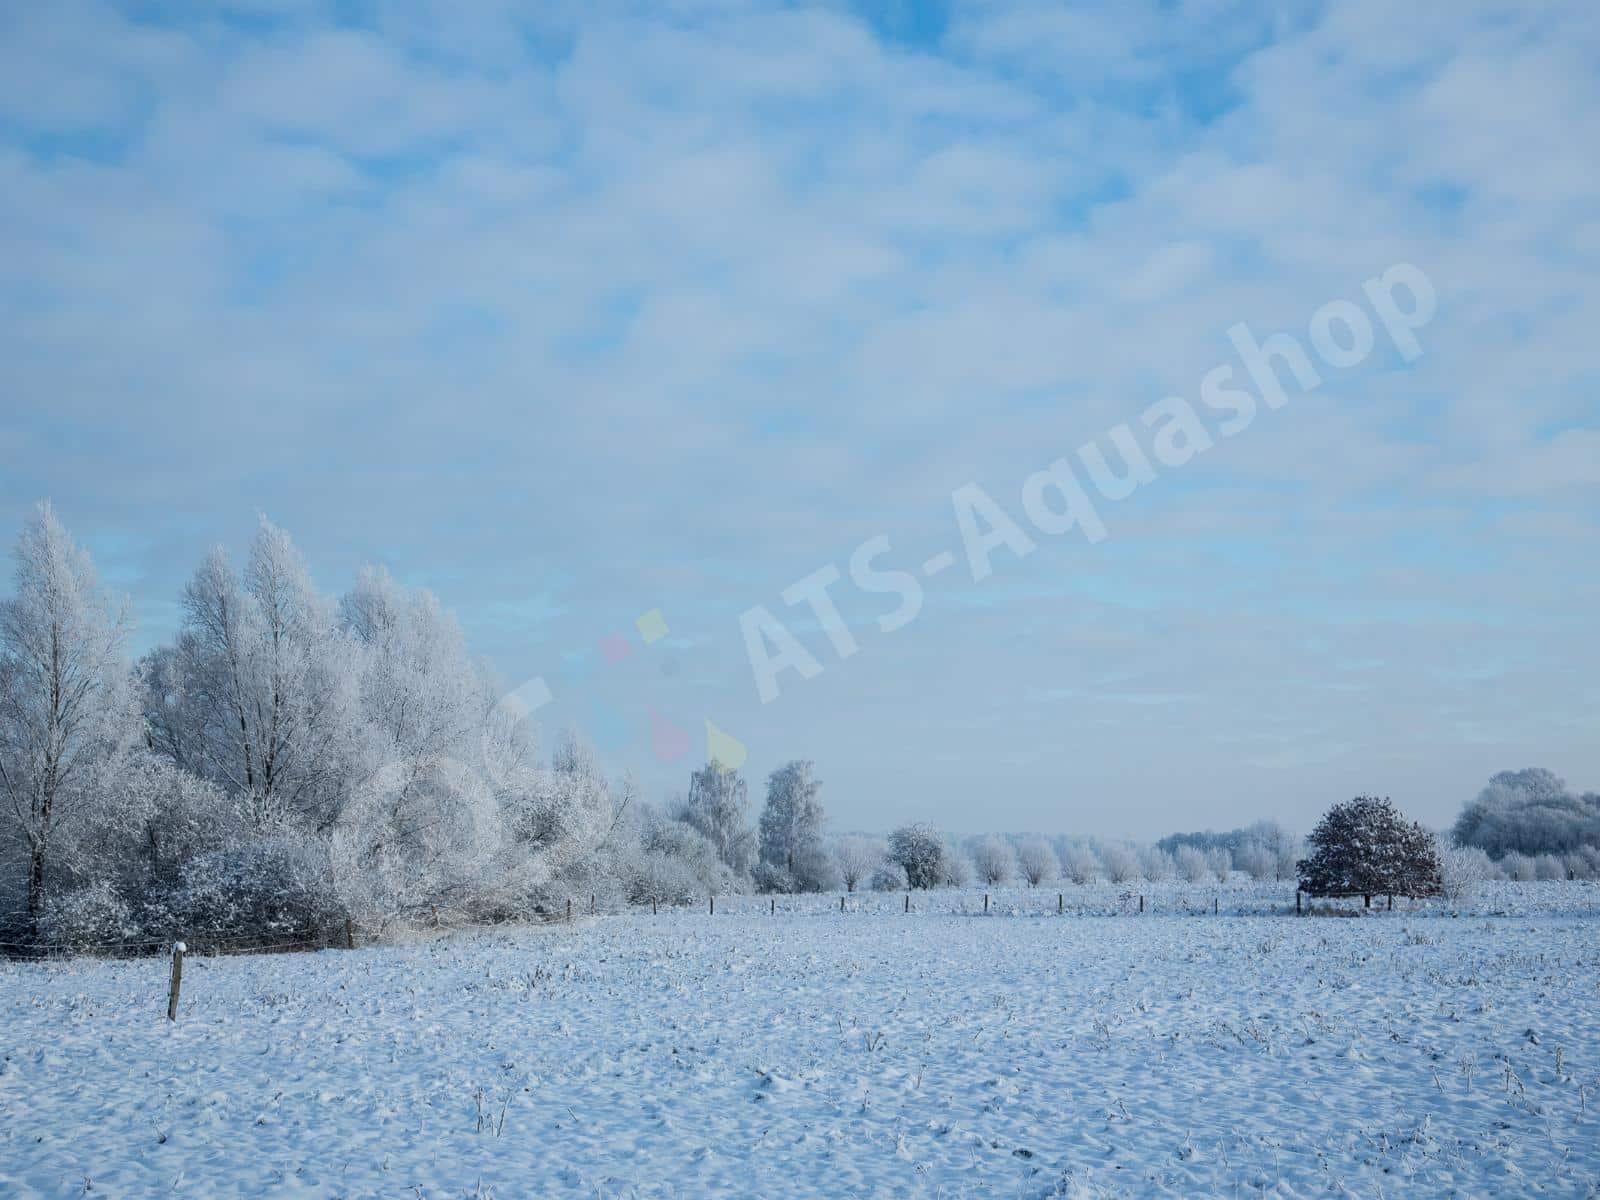 winterlandschaft andreas tanke 0158 10